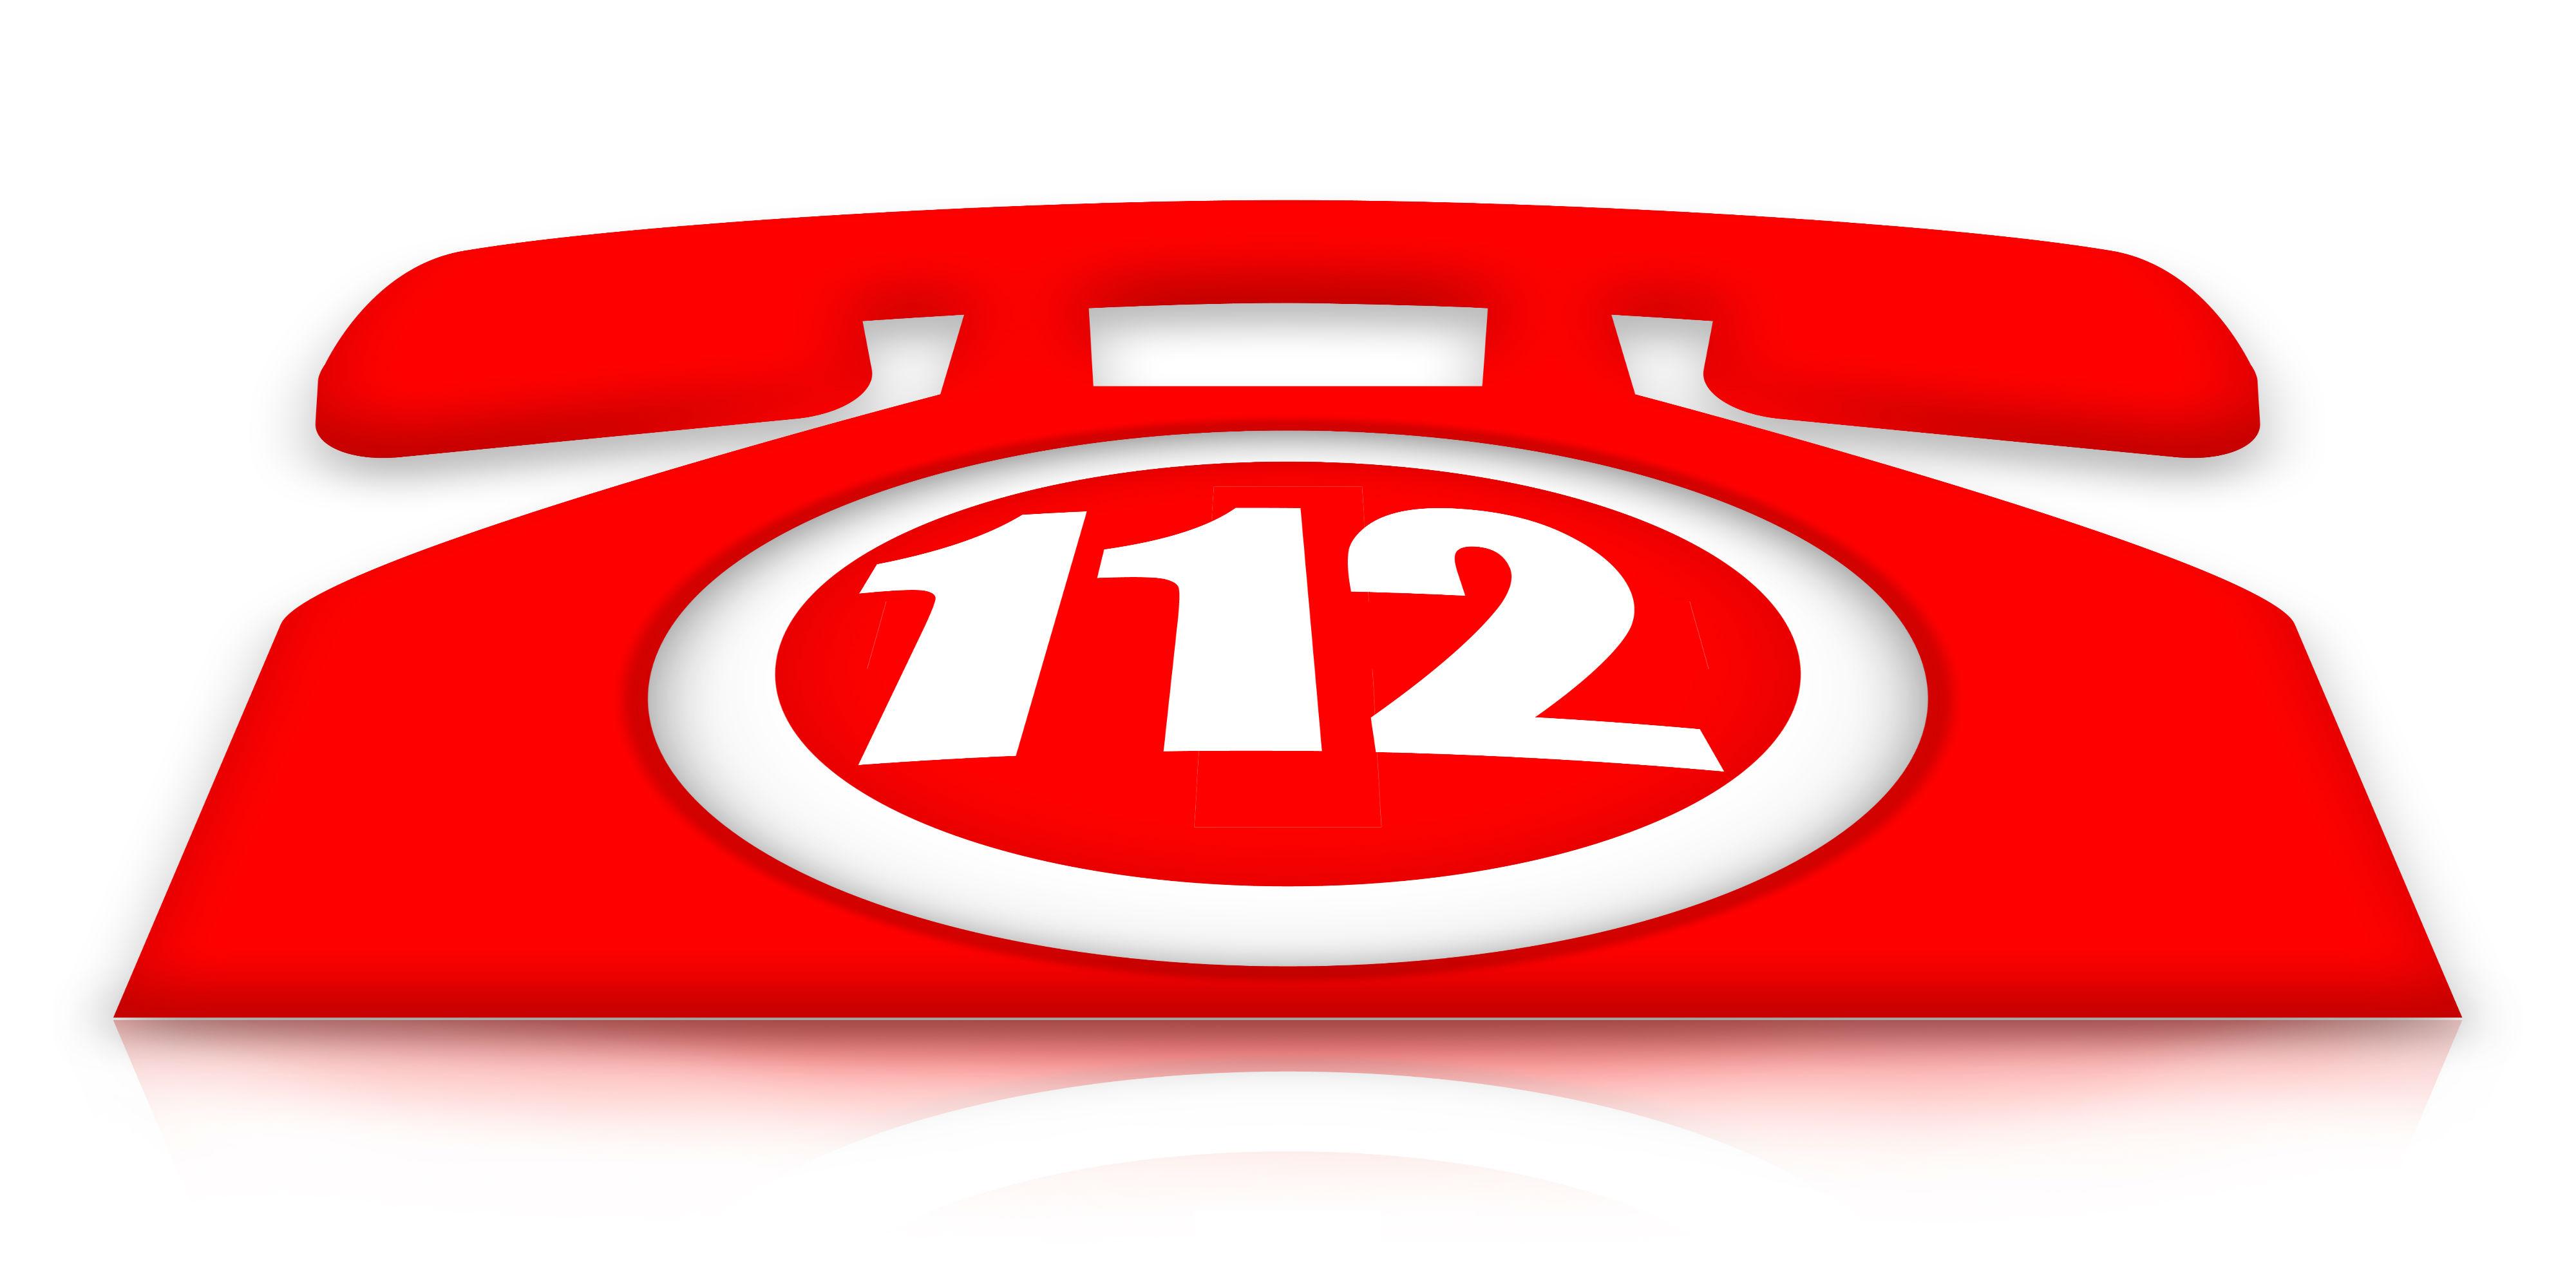 4 оператора связи подключились в Челябинске к Системе-112 - Аргументы  Недели. Челябинск